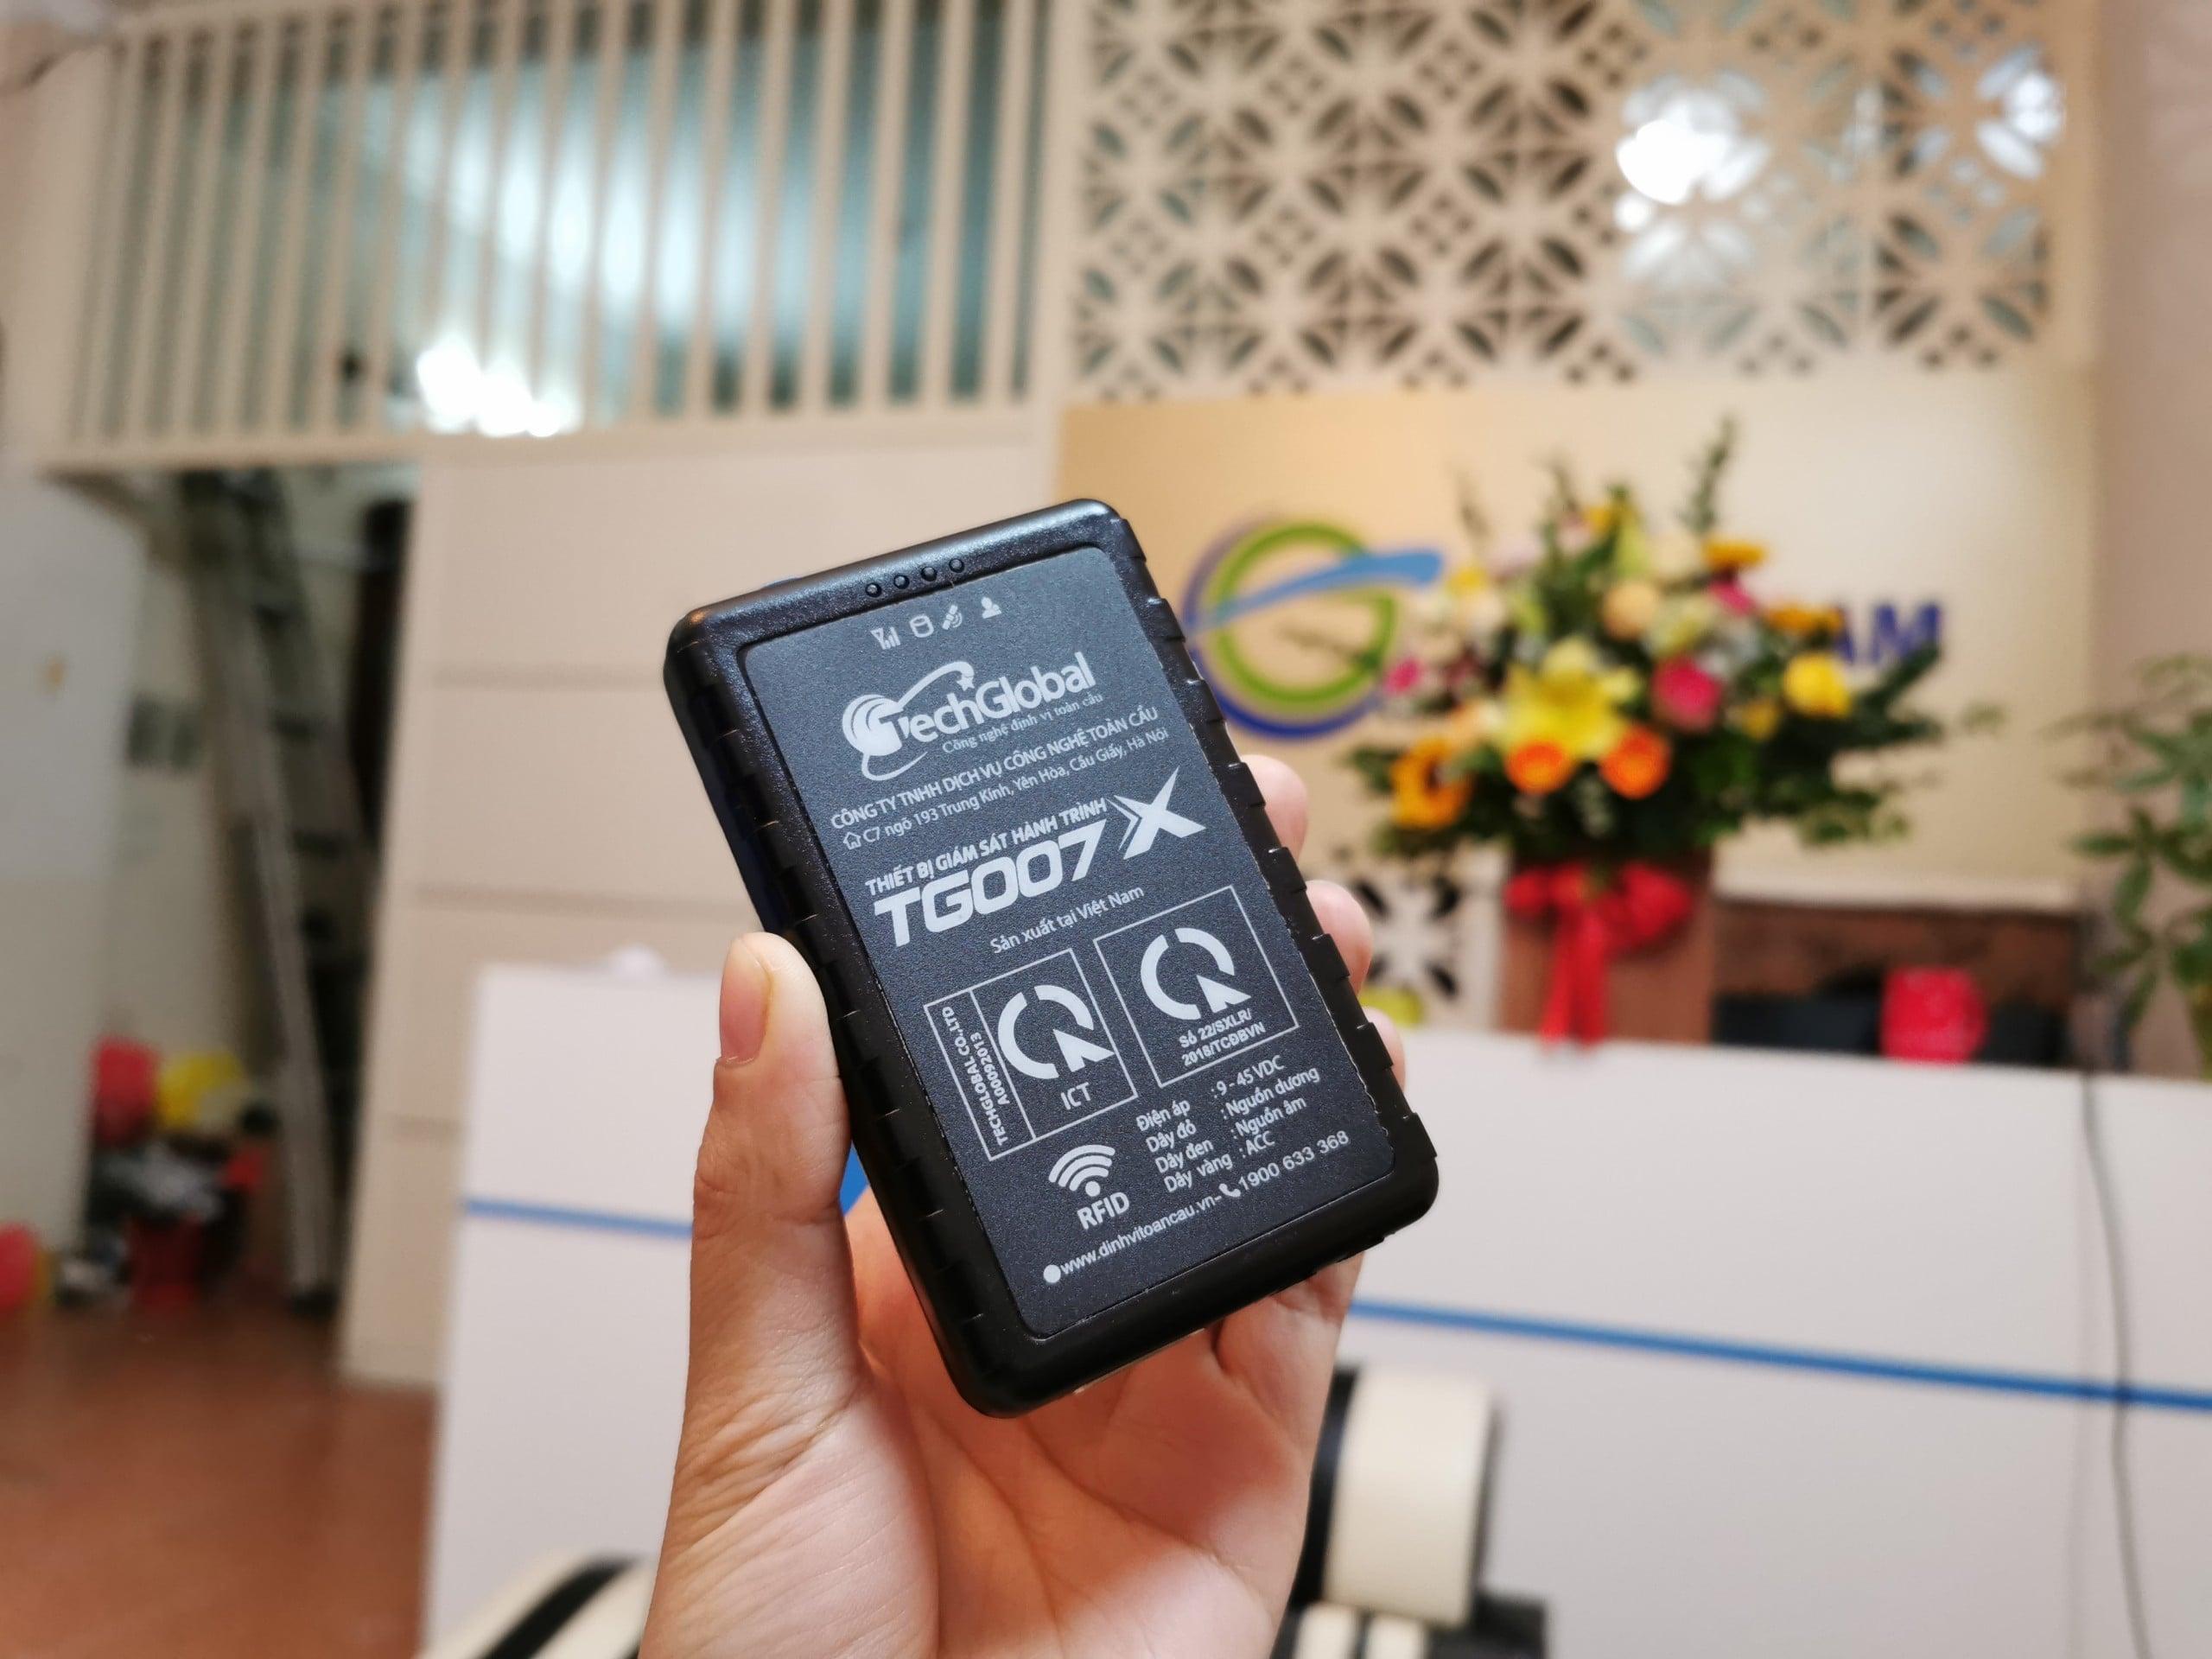 tg007x chính hãng tại thành nam gps